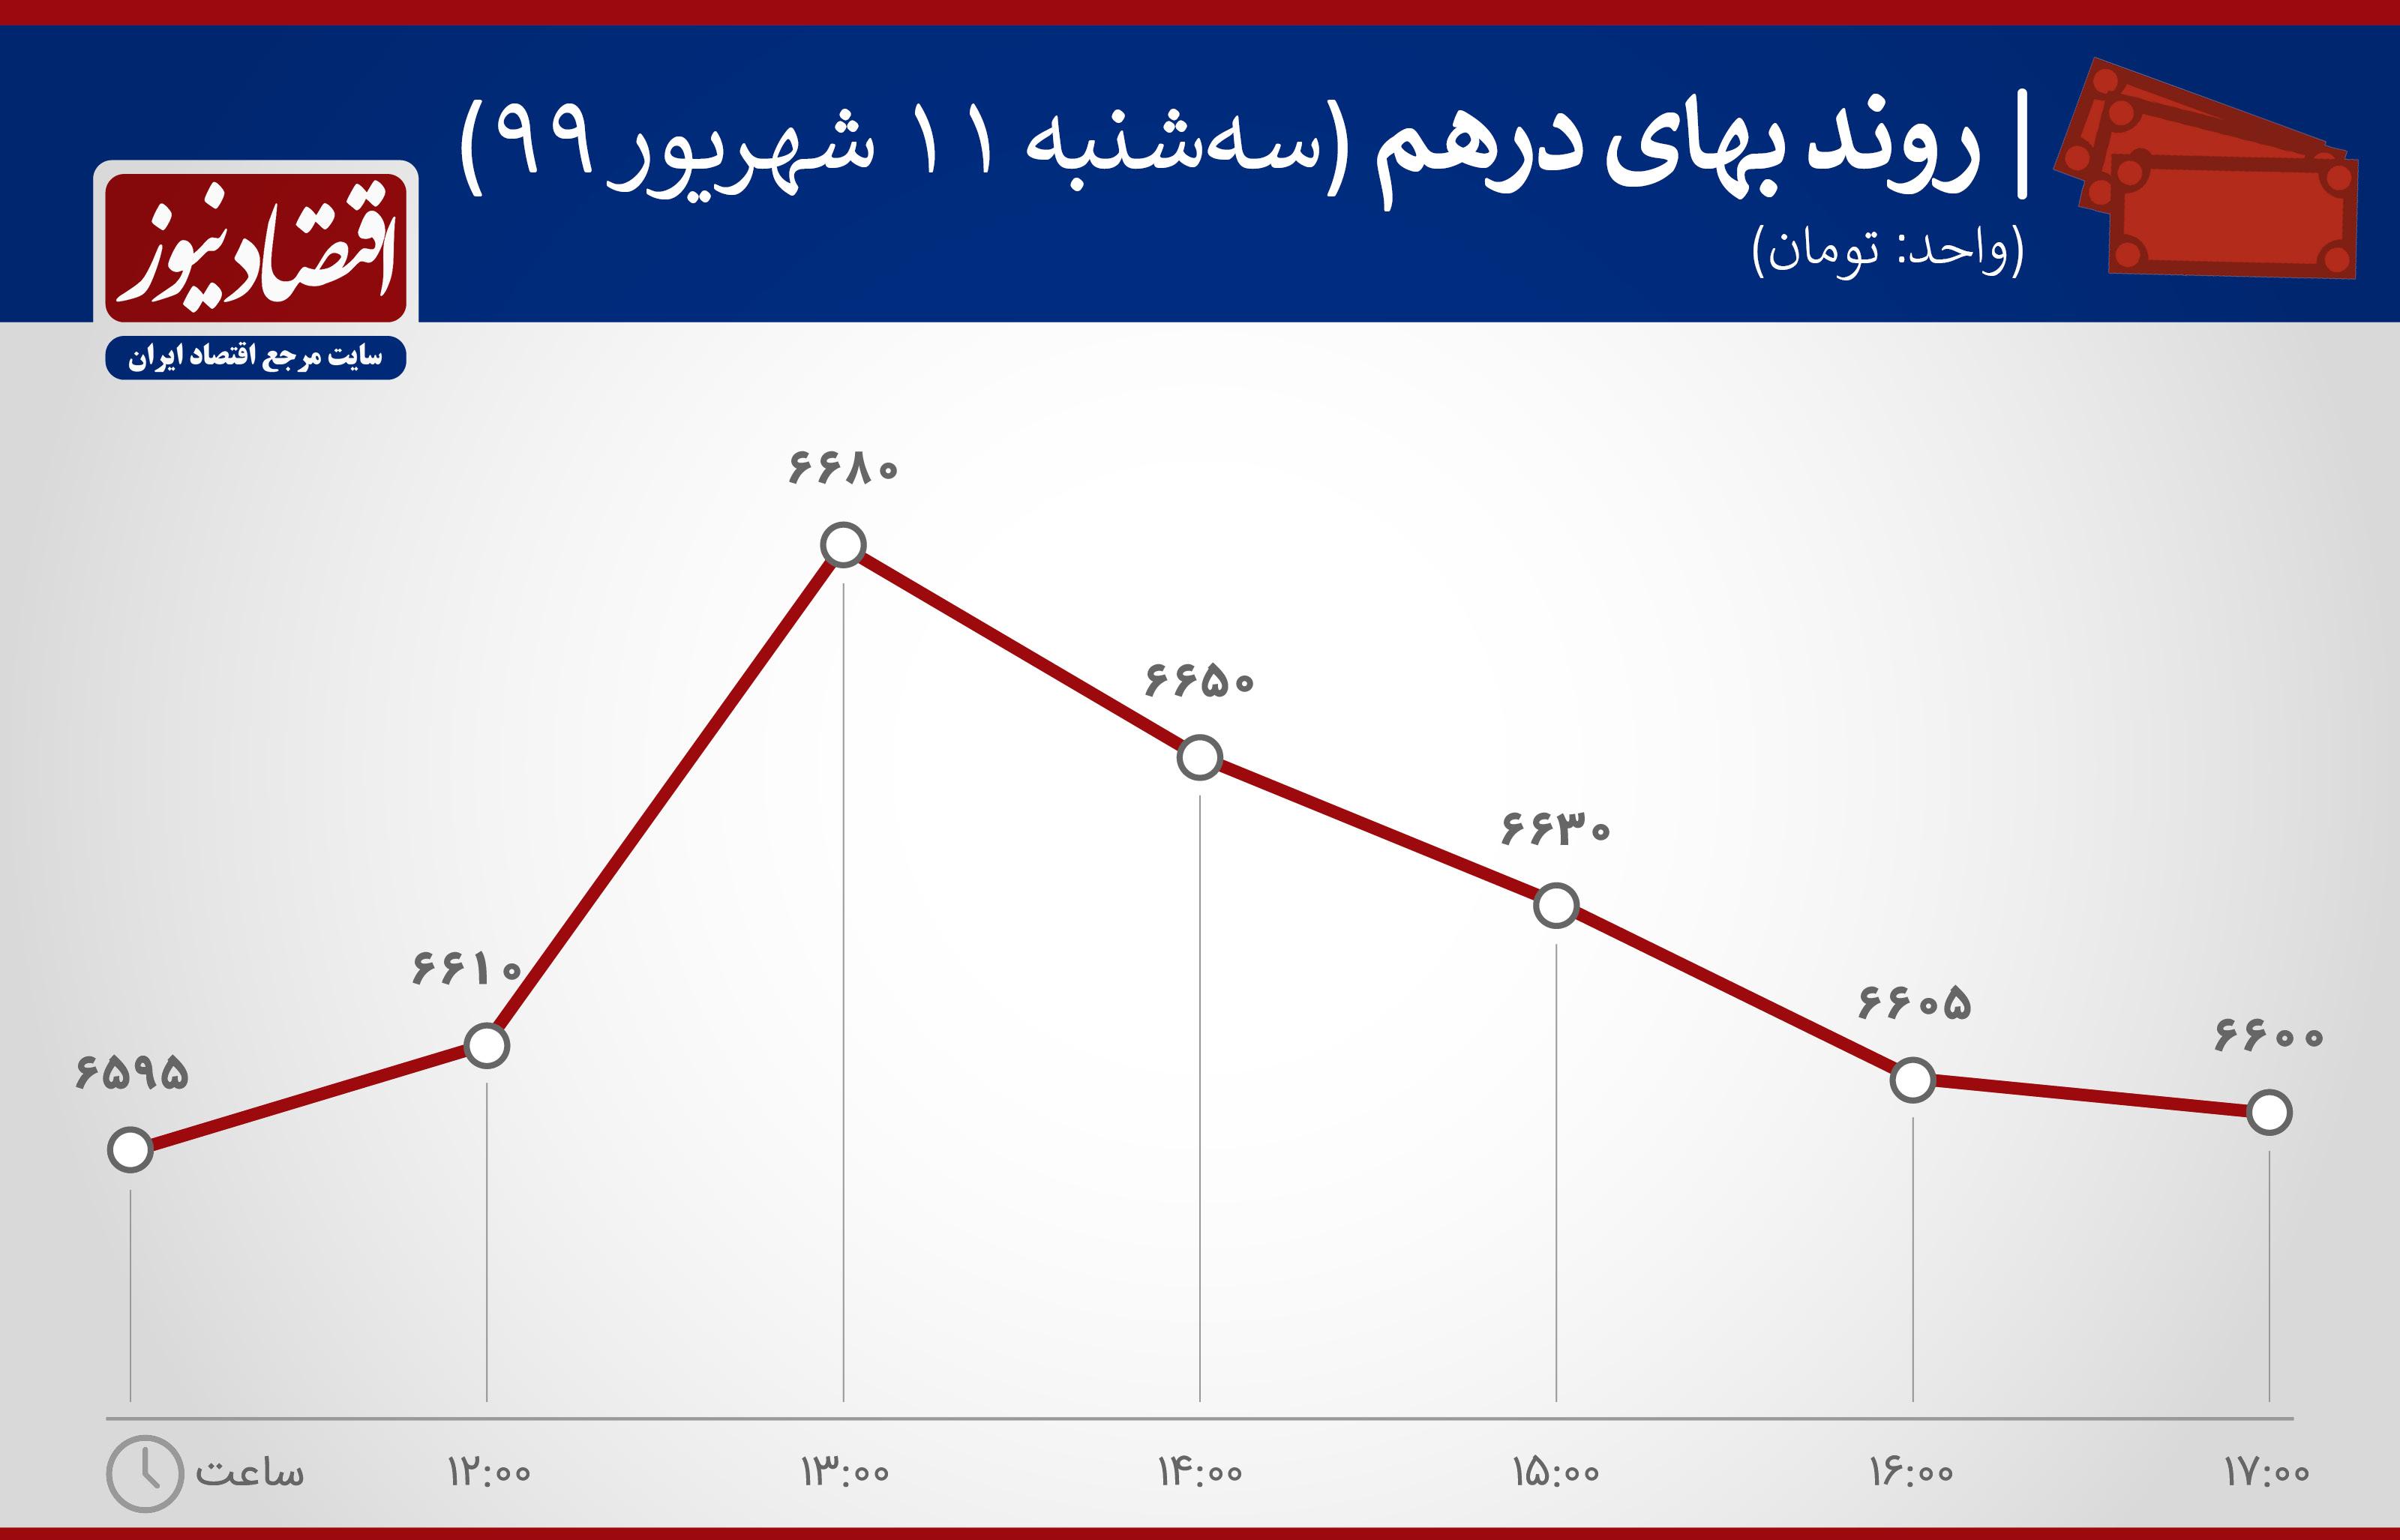 نمودار ارزش درهم 11شهریور 99